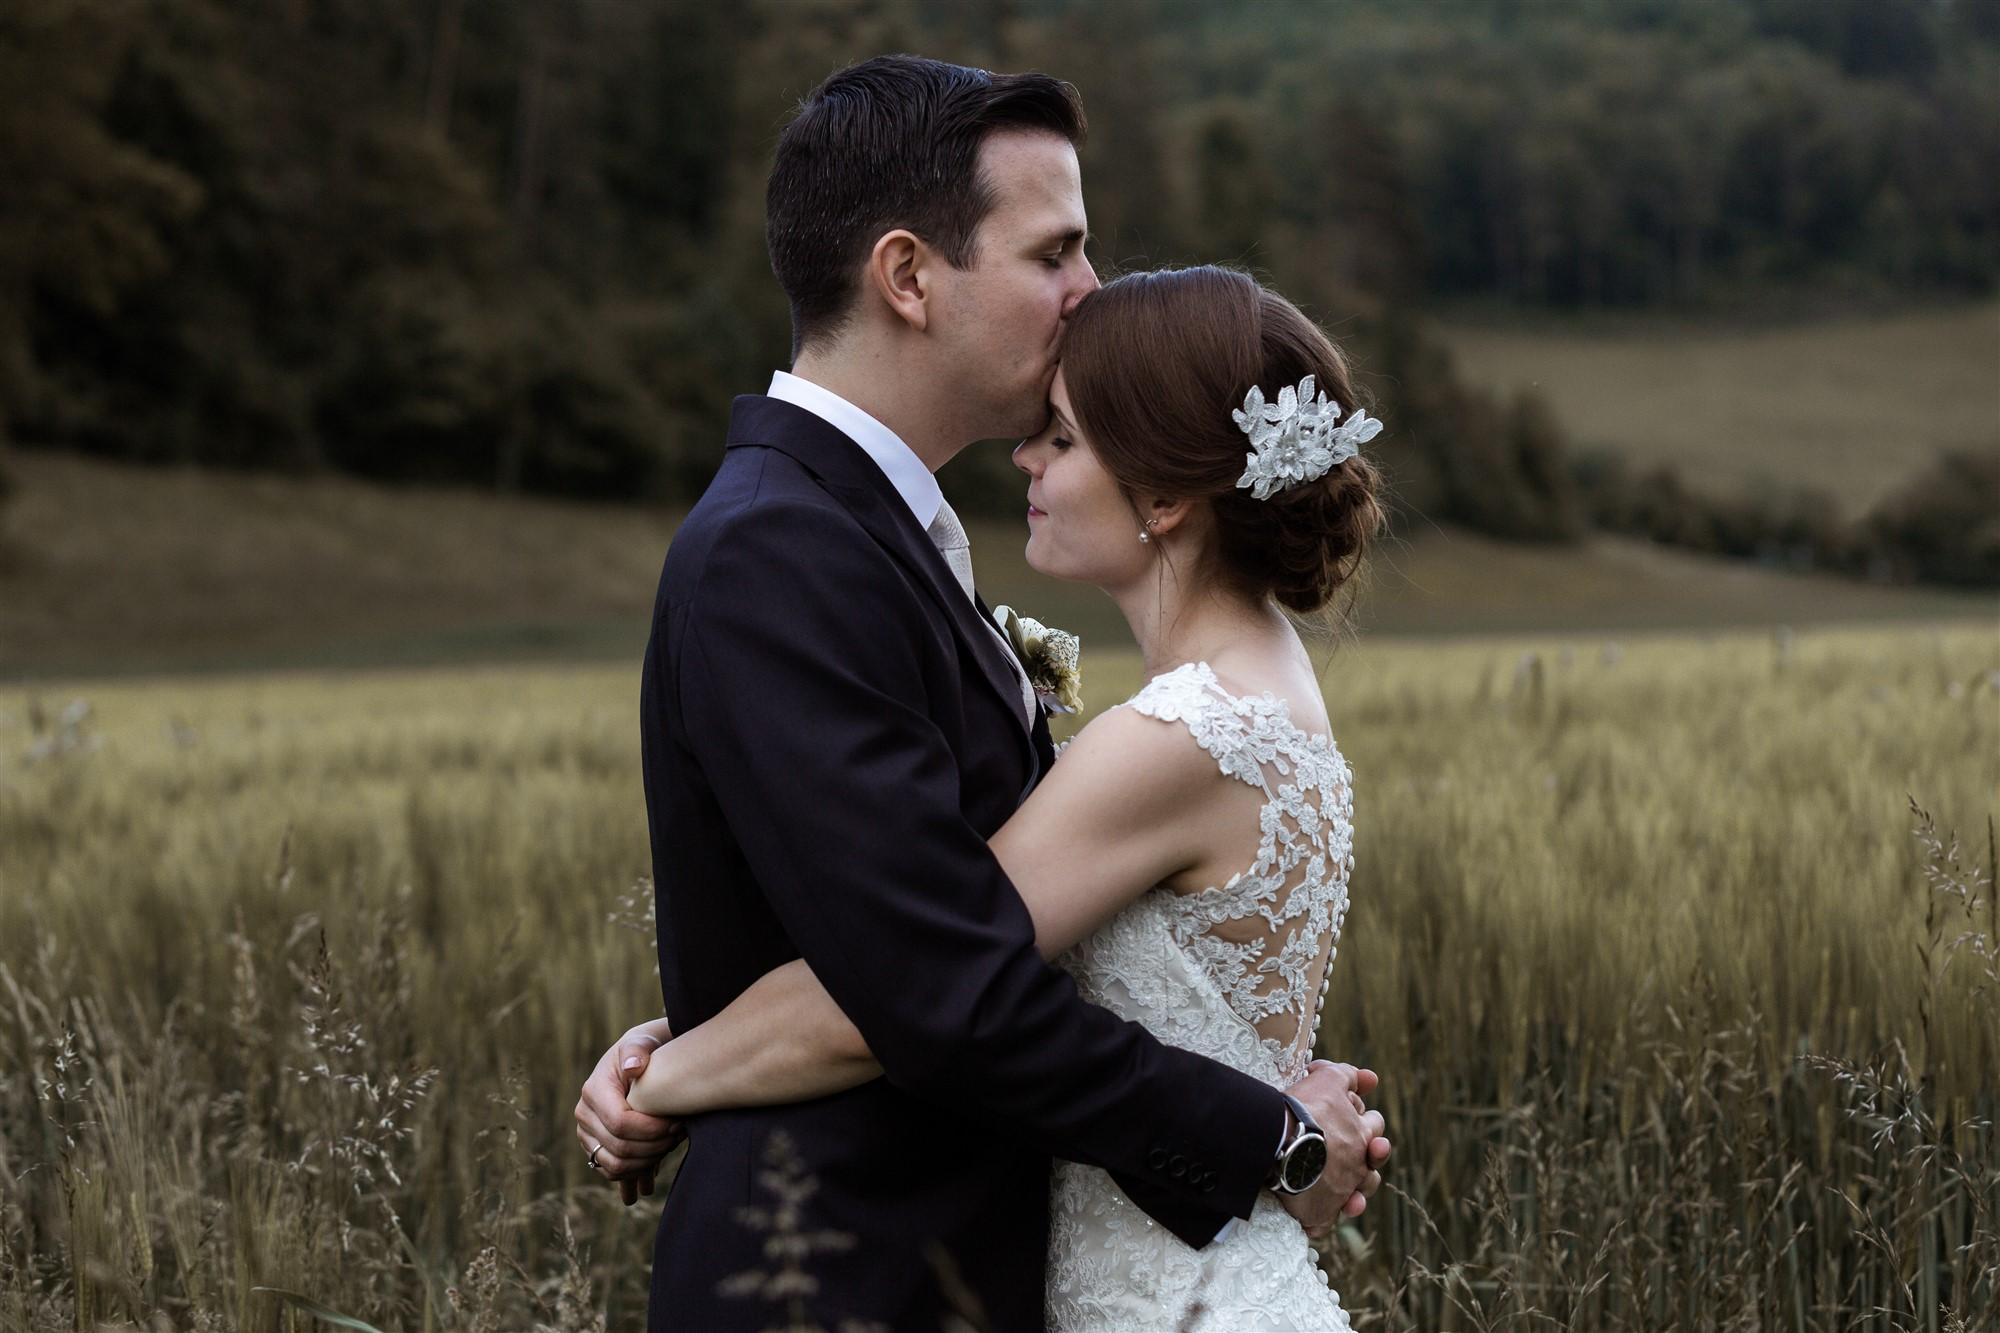 Der Bräutigam küsst seiner Frau liebevoll auf die Stirn - Hochzeitsfotograf Basel